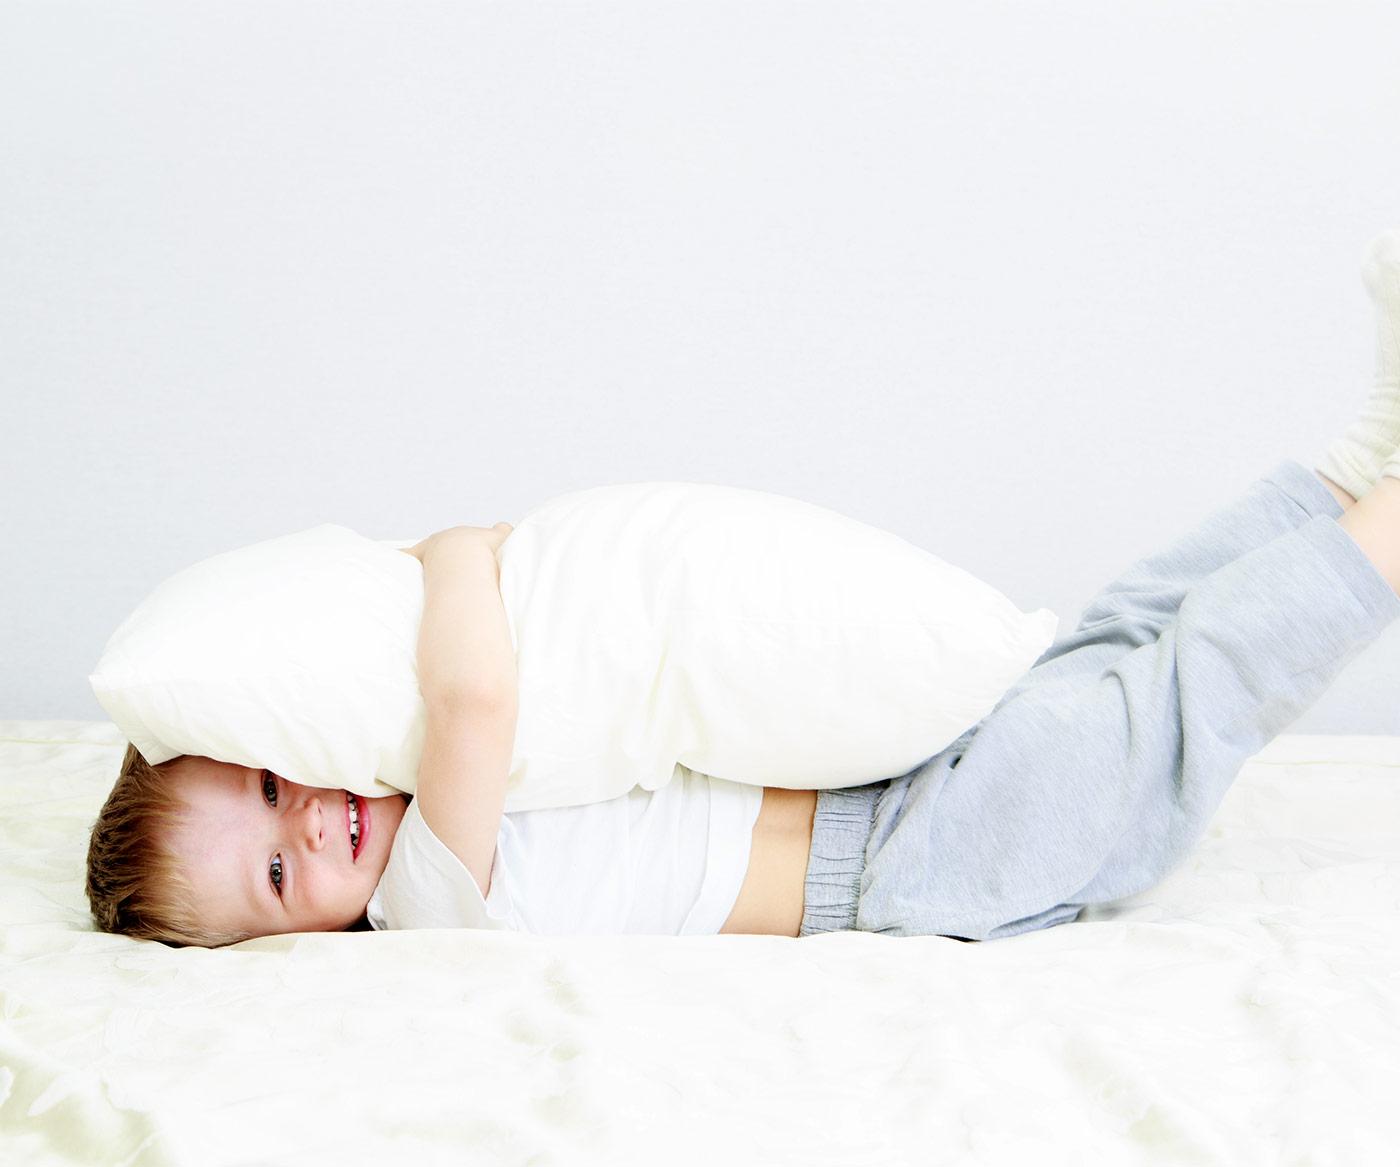 Little toddler hugging a pillow